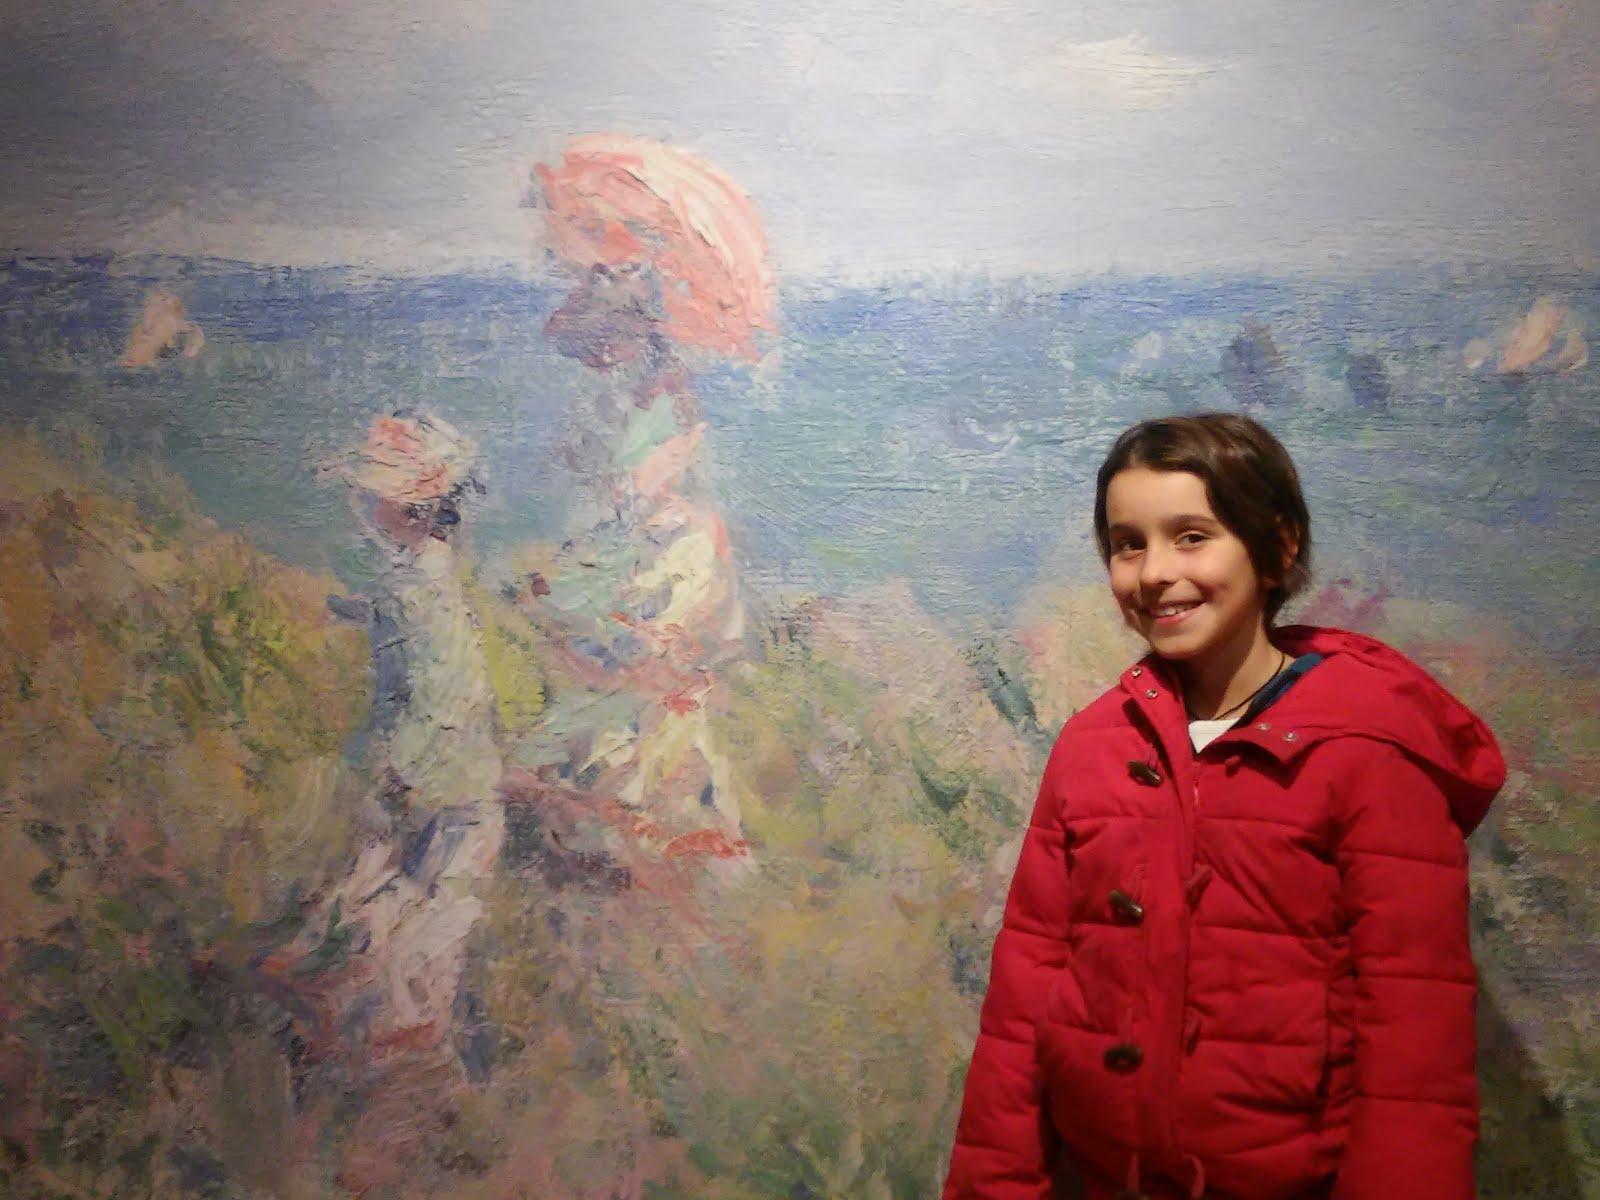 Vite in viaggio impressionisti in mostra a treviso for Mostra treviso